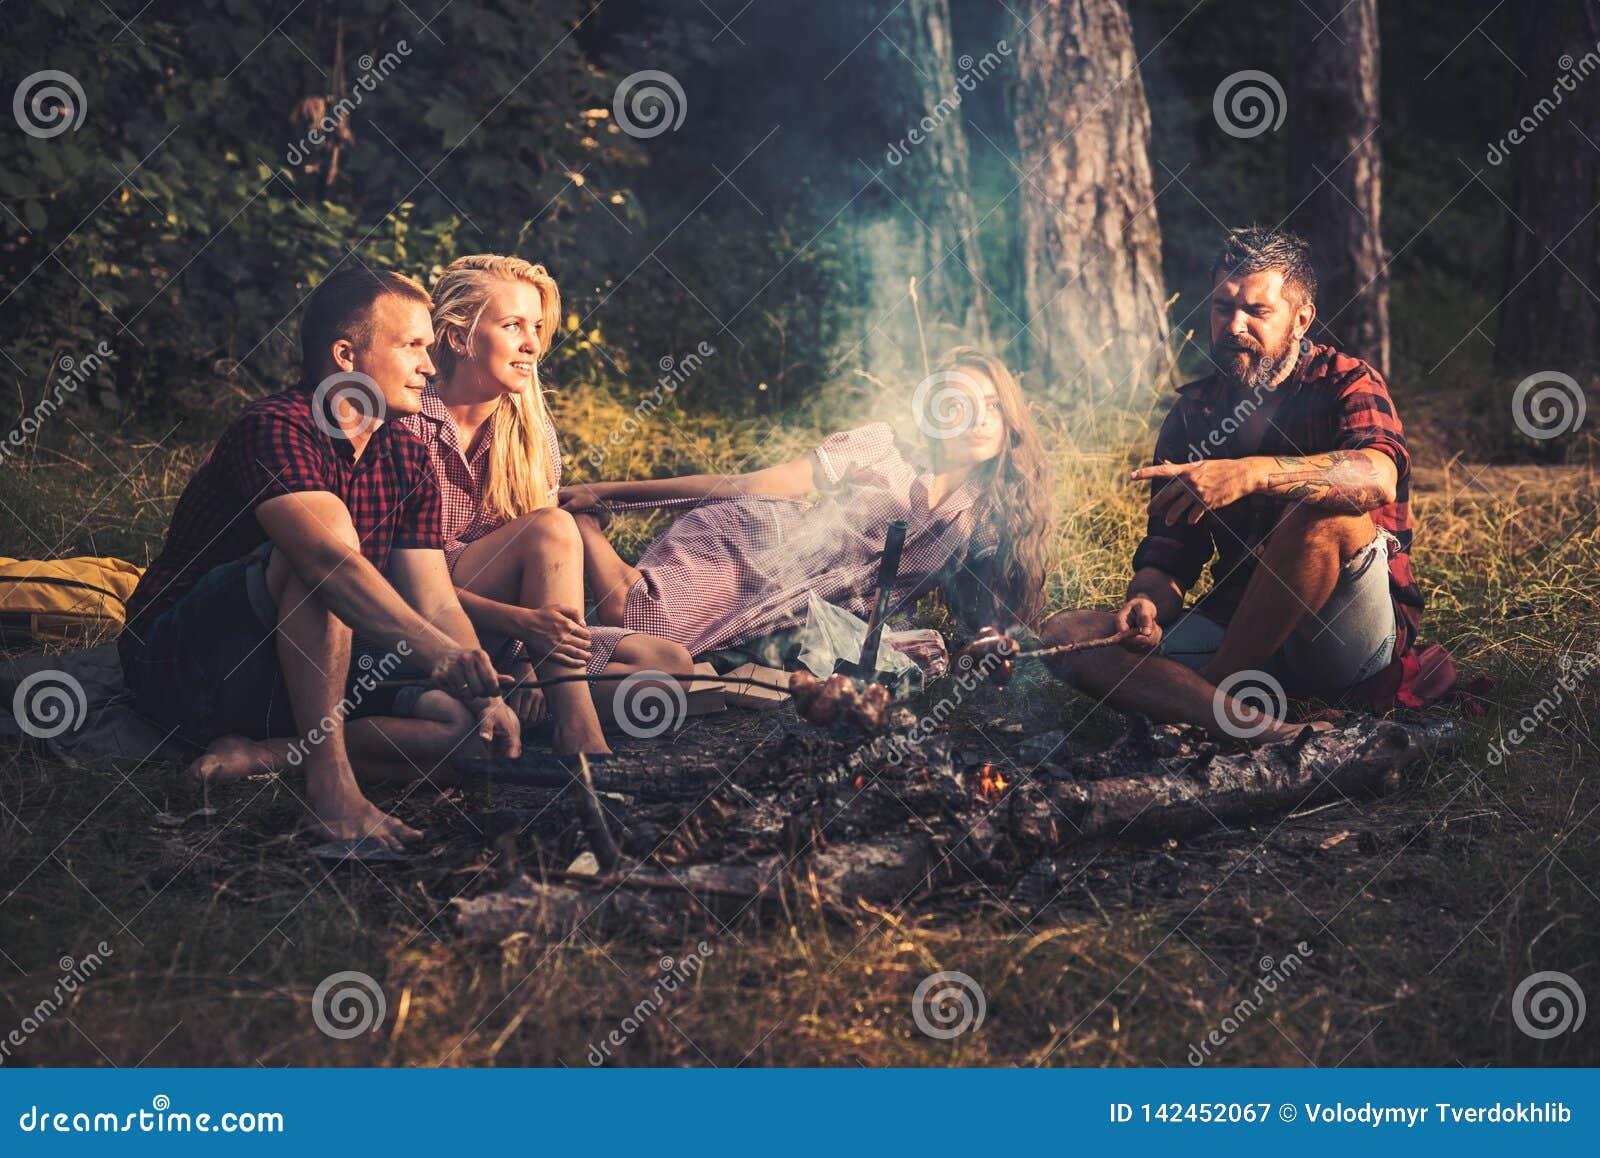 Grupa przyjaciele obozuje w lasu Dwa parach smaży kiełbasy na kijach Młodzienowie opowiada wokoło ogniska